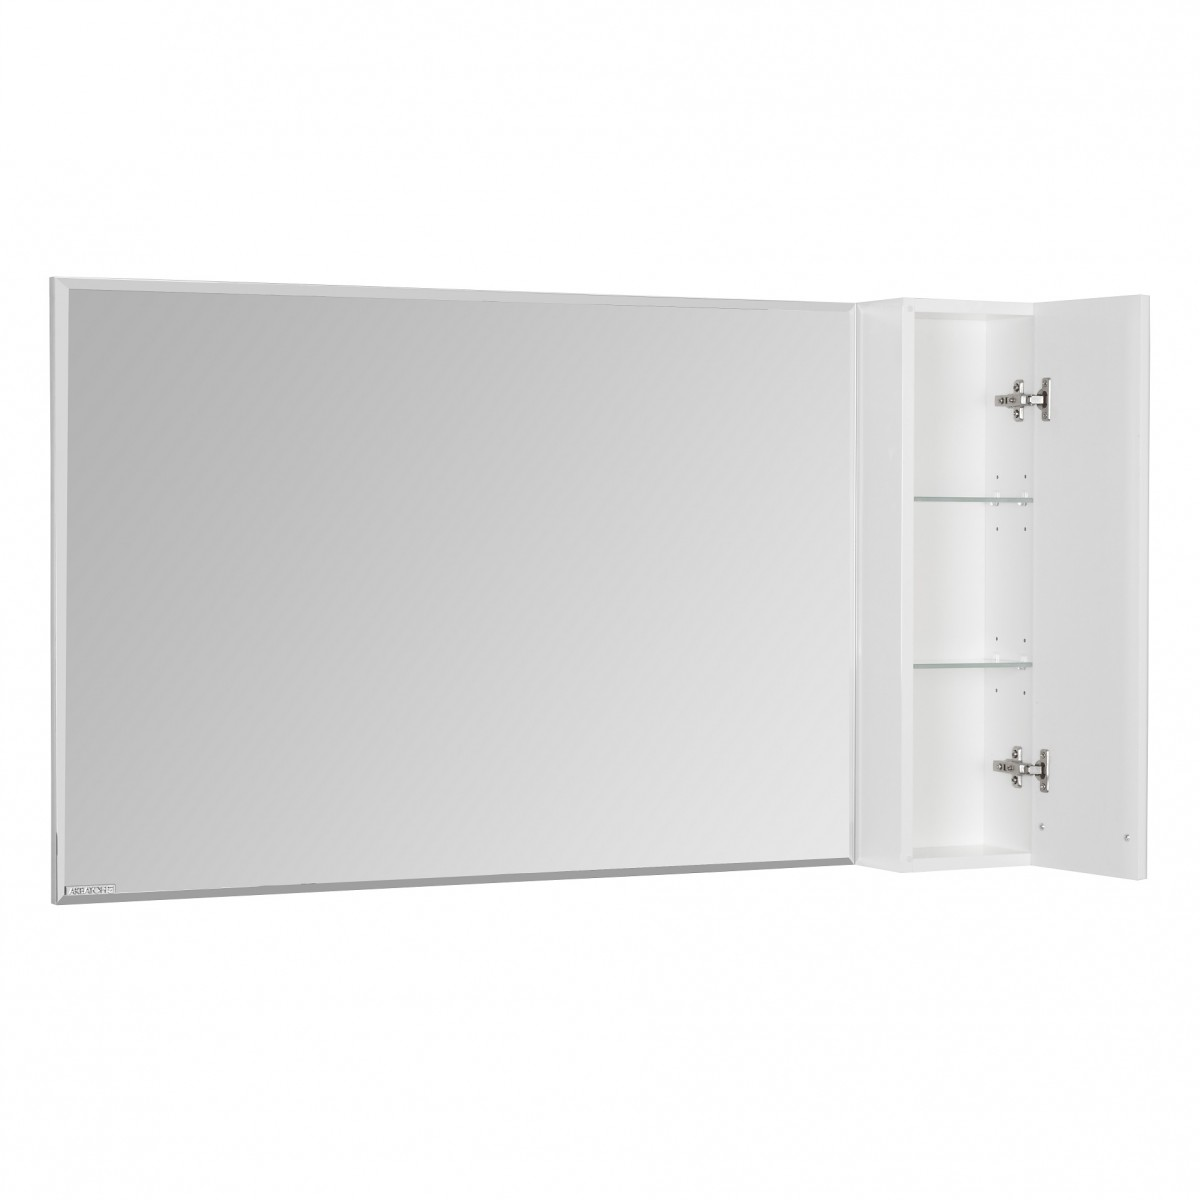 Зеркальный шкаф Акватон Диор 120